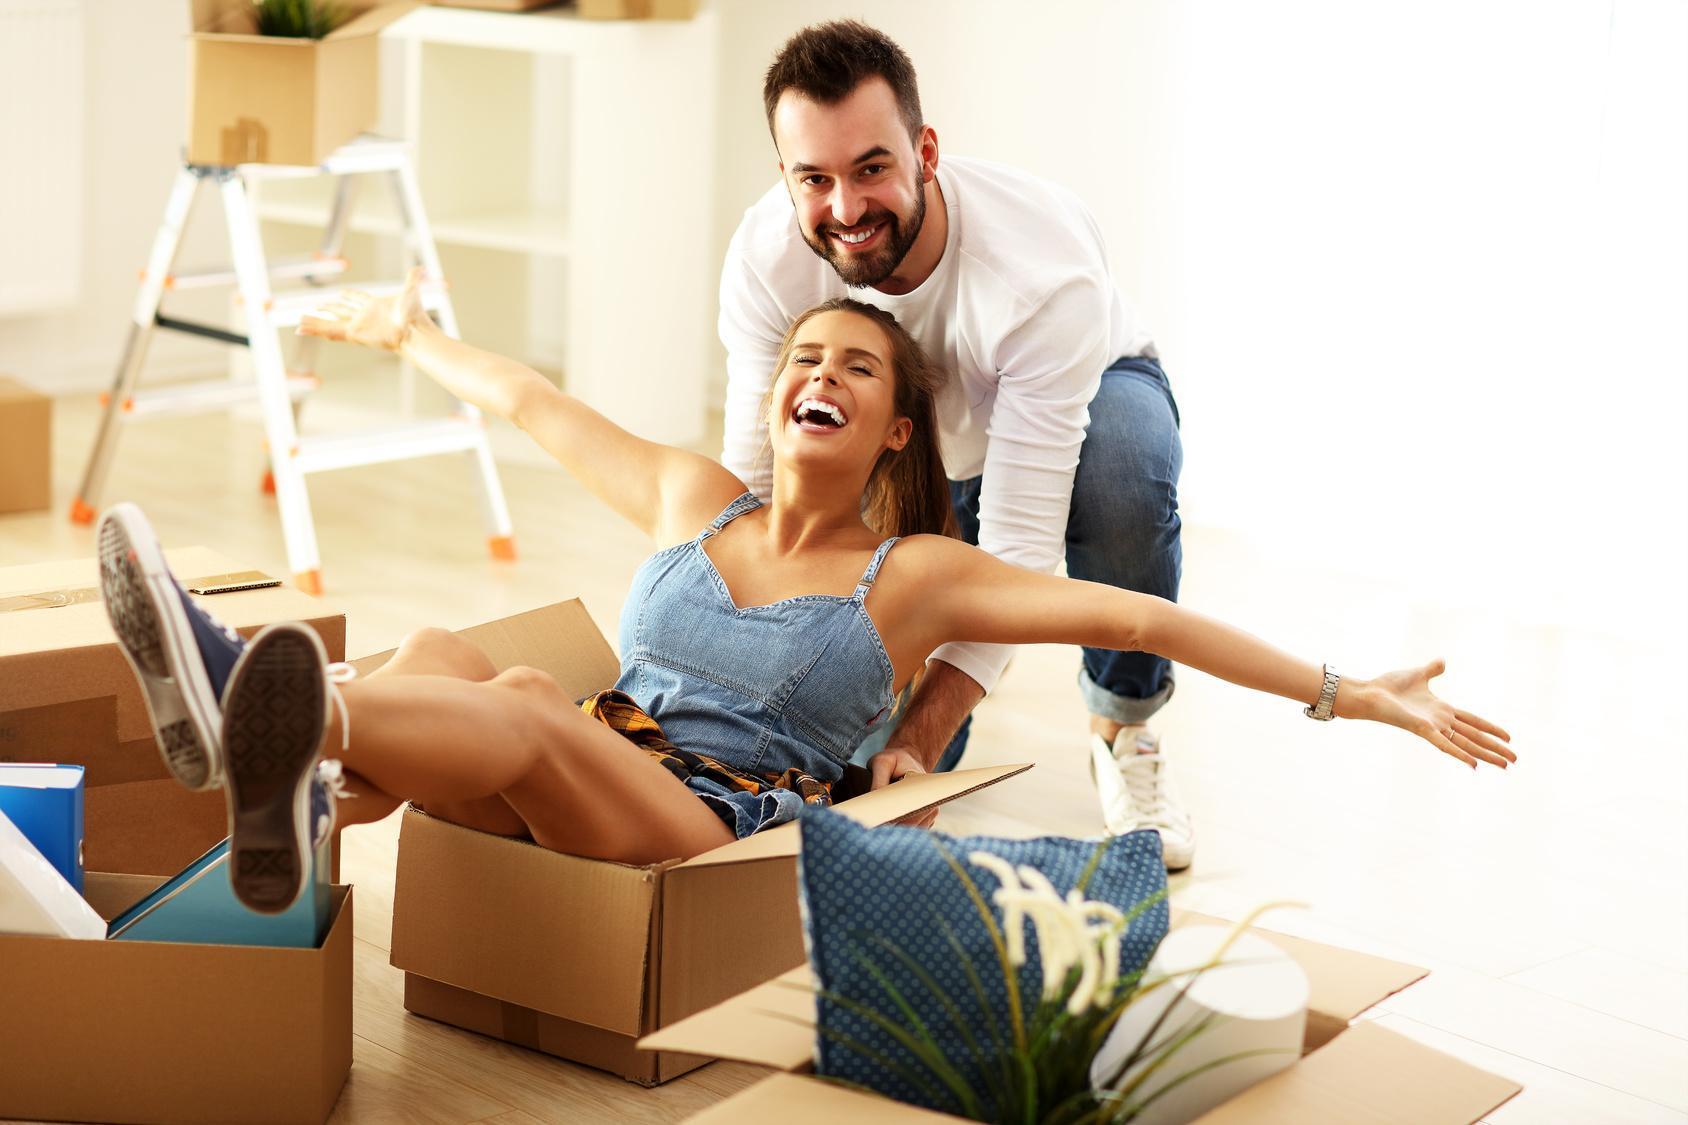 Szczęśliwa dorosła para przeprowadzająca się do nowego mieszkania